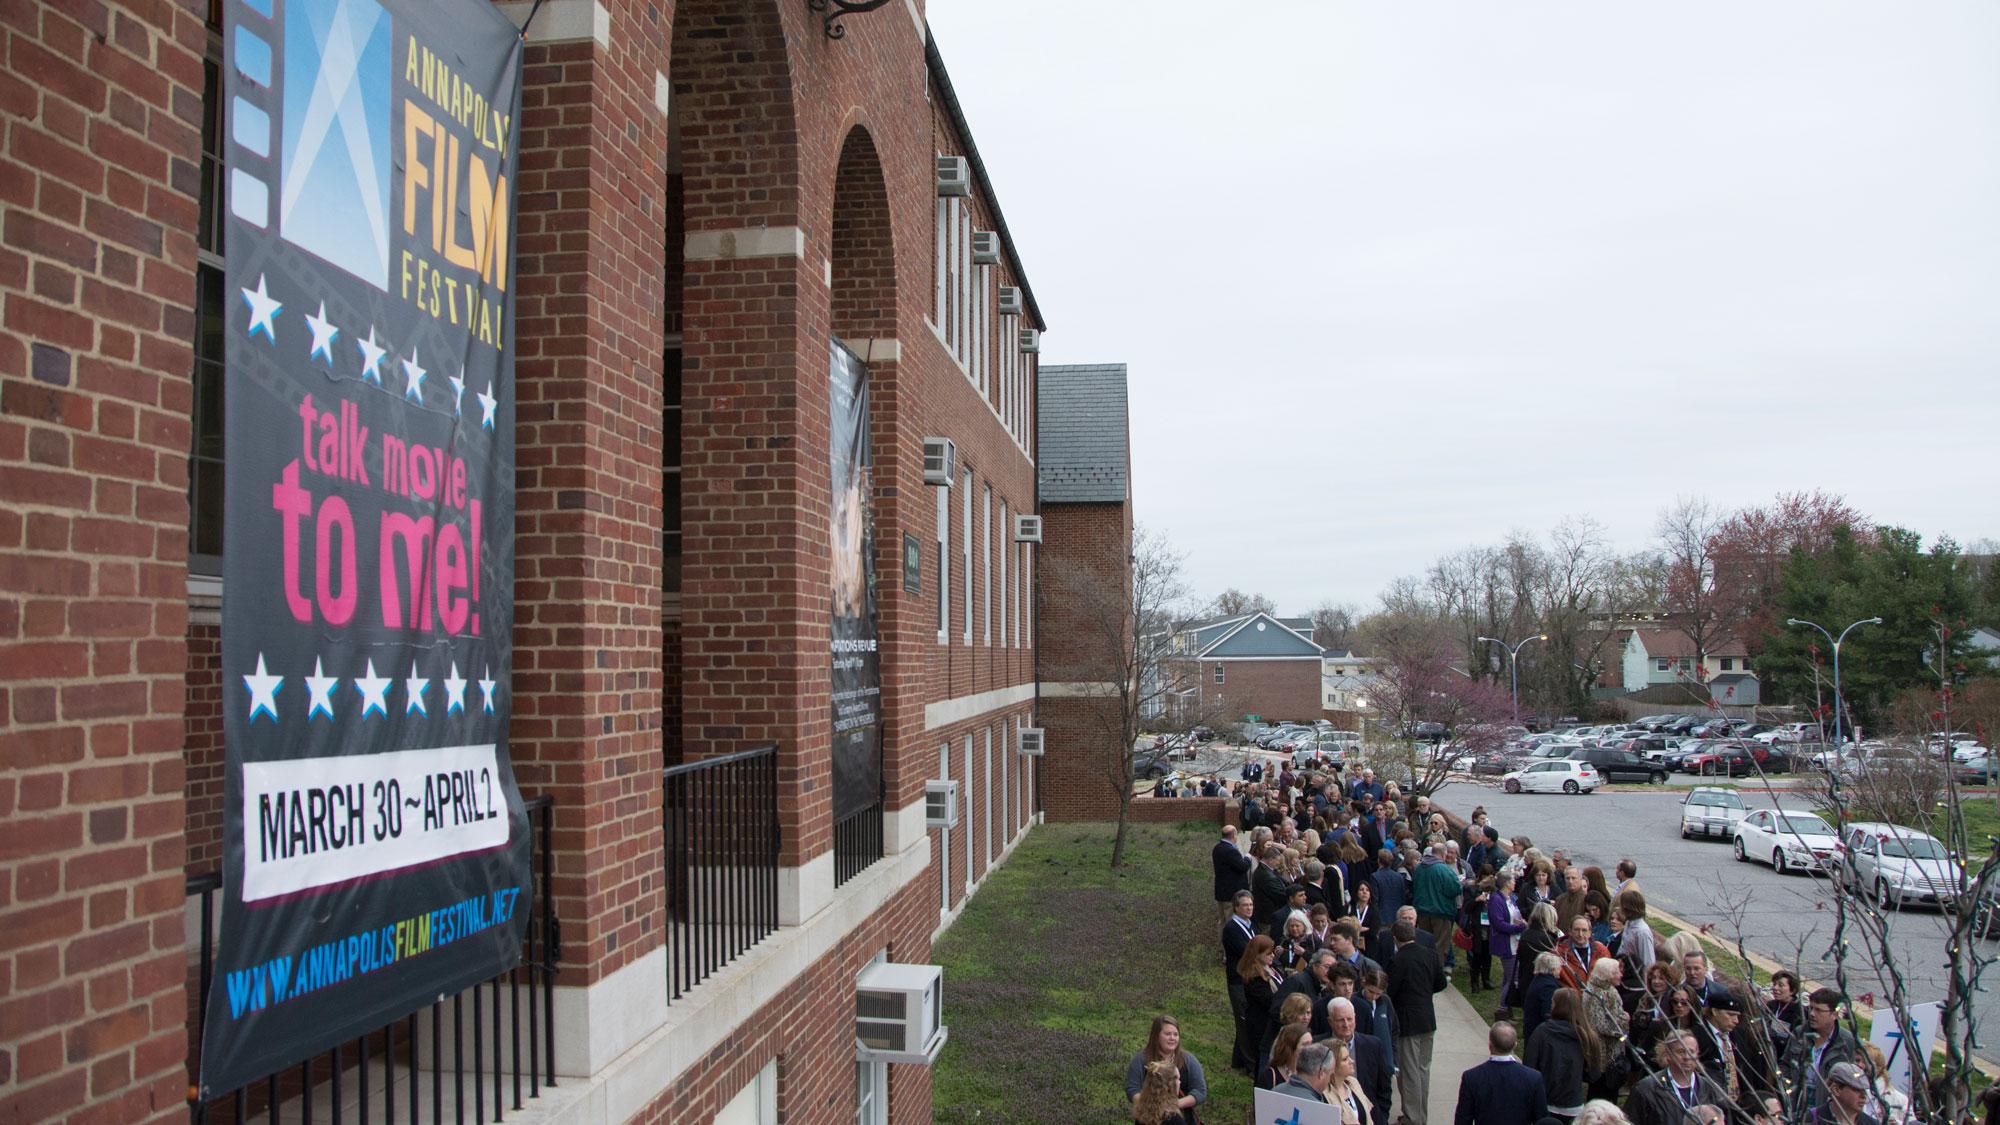 Annapolis-Film-Festival-line-pic